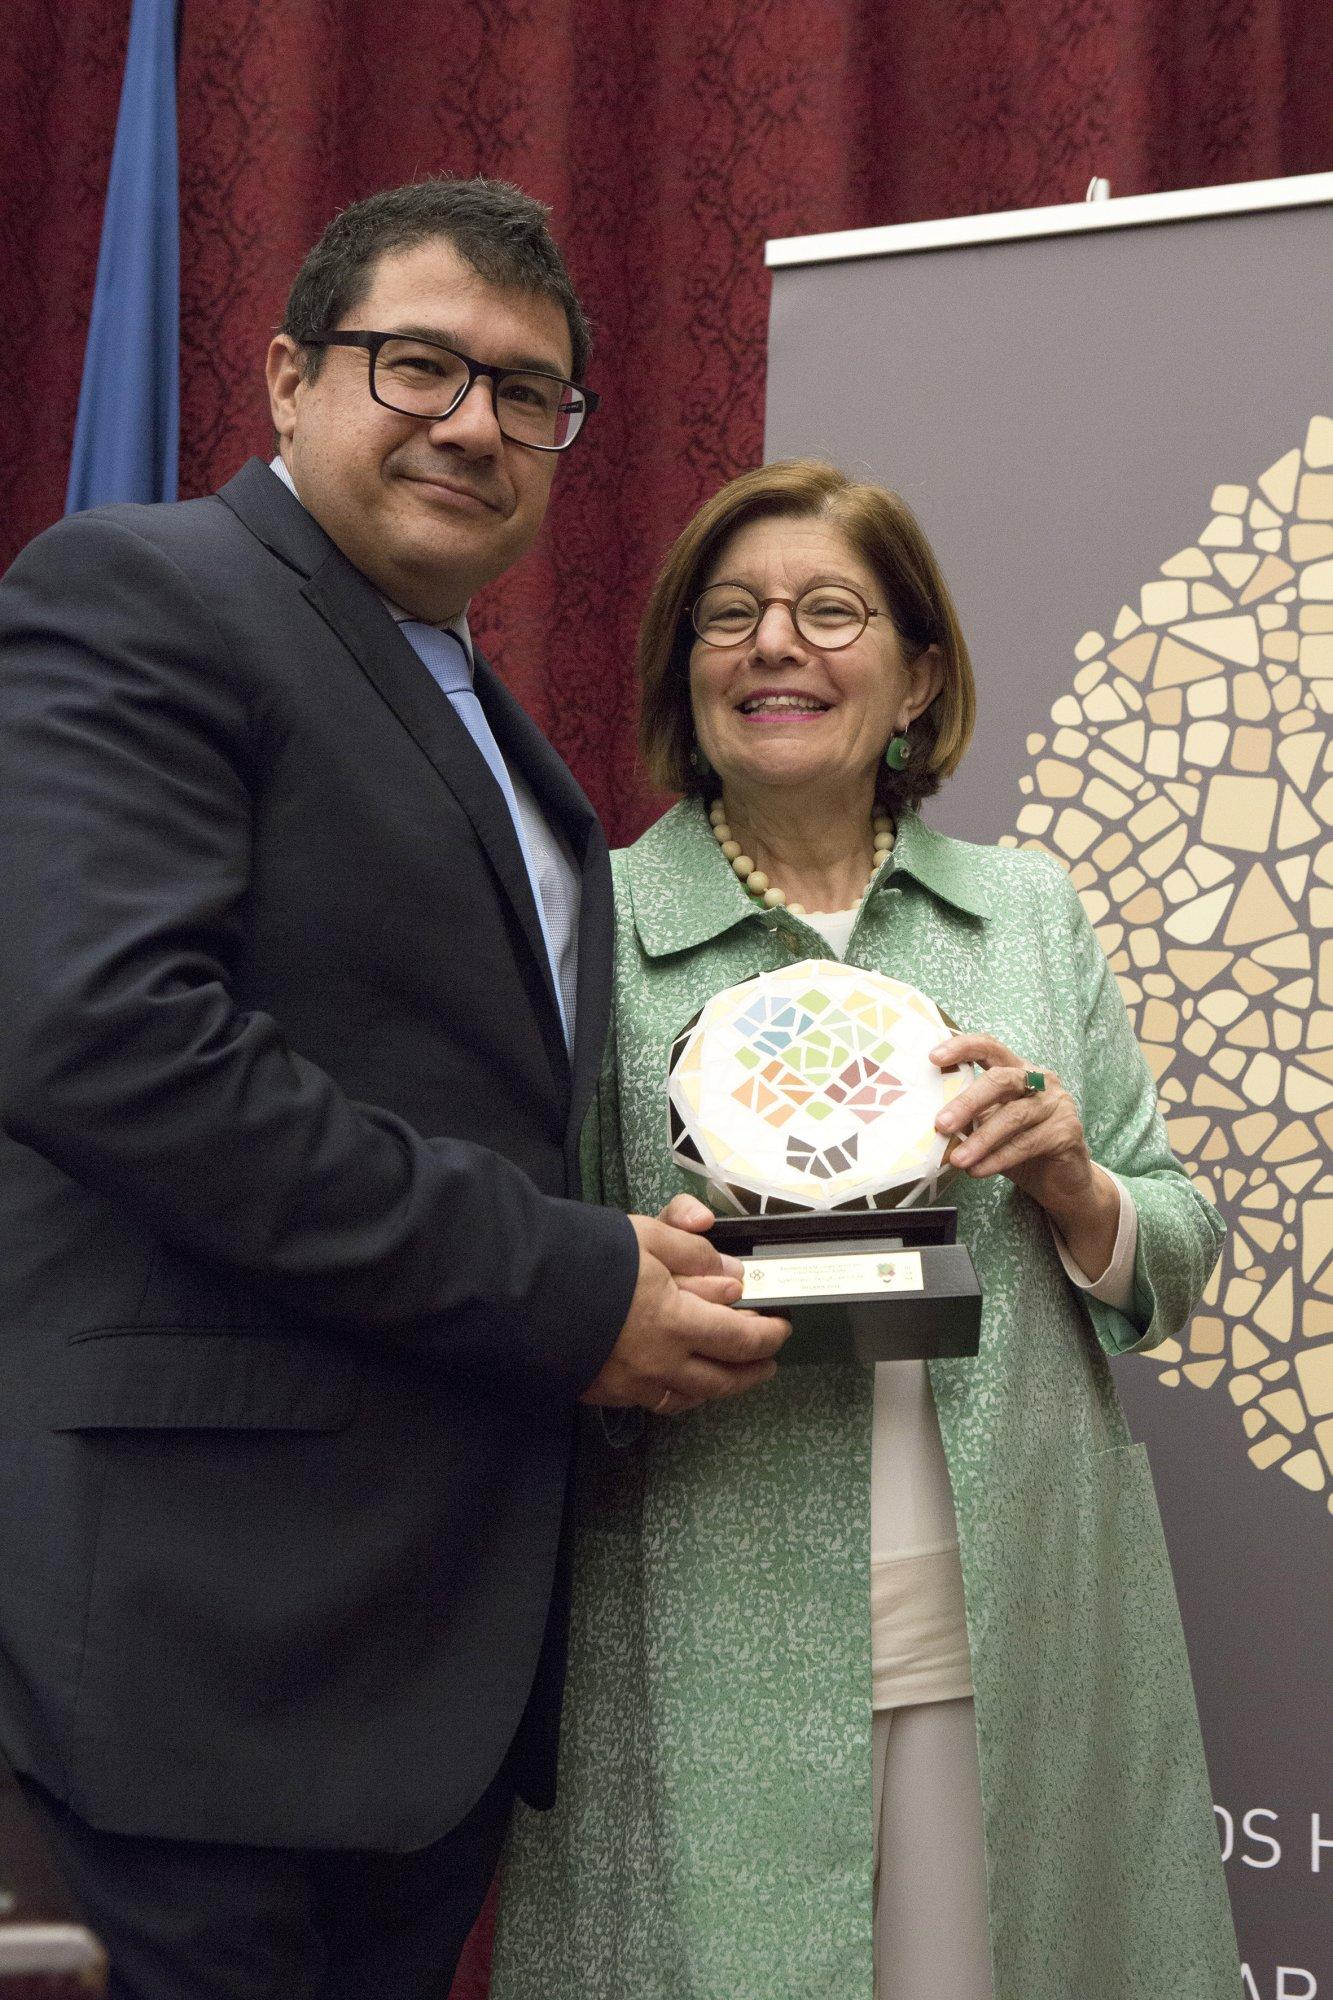 Ms. Rosario Berriel and Mr. Anastasio Argüello from Universidad de Las Palmas de Gran Canaria